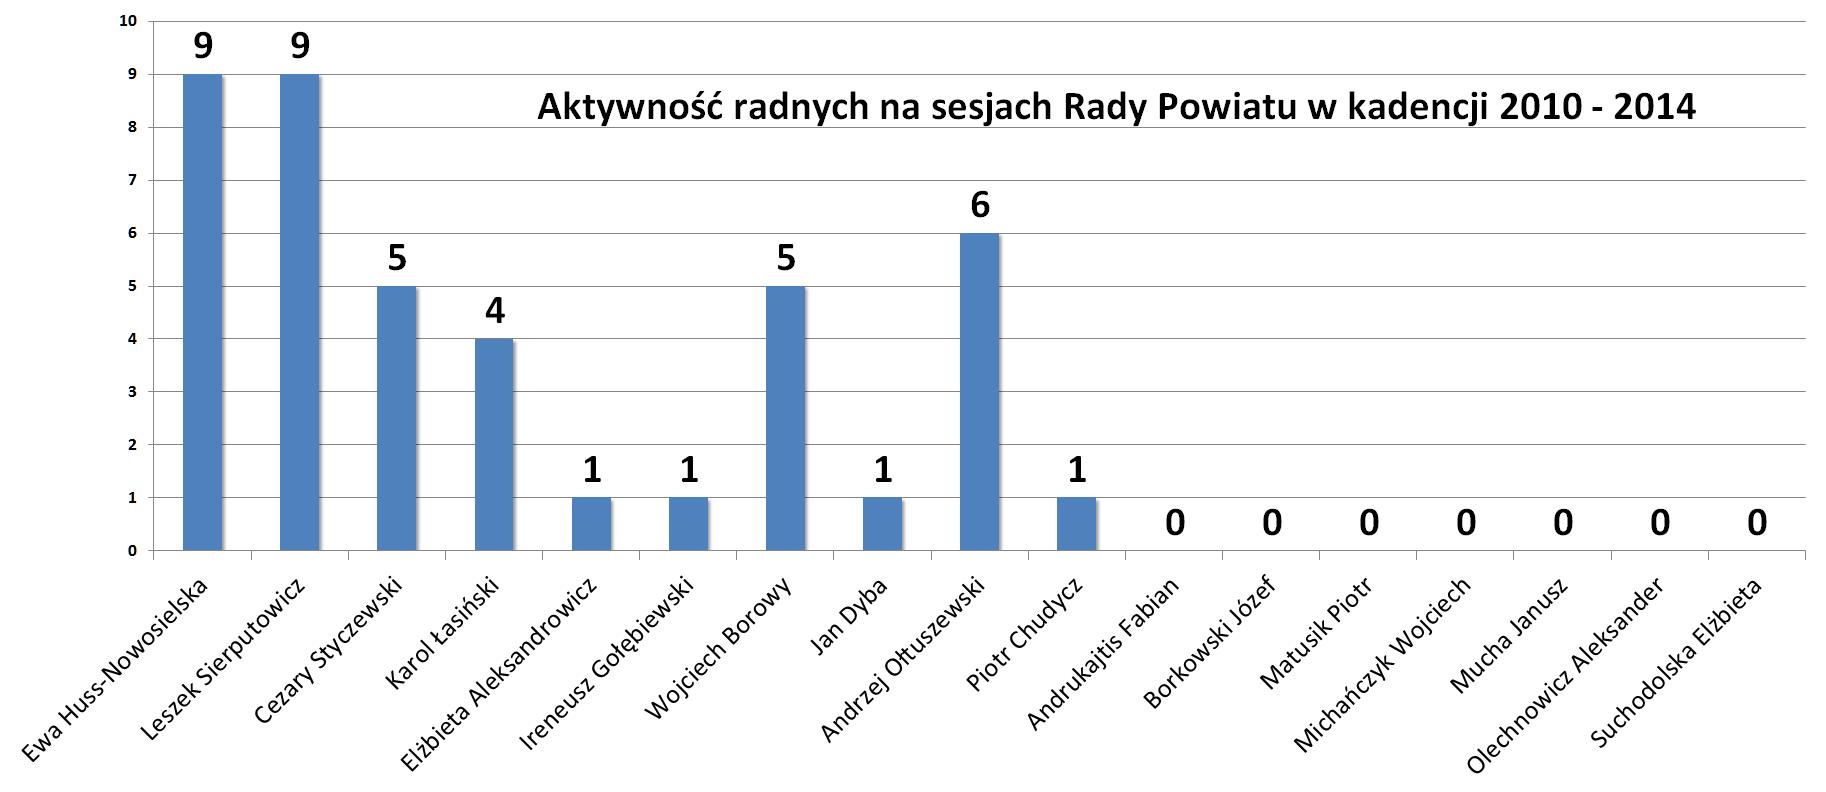 Aktywność radnych na sesjach Rady Powiatu Lidzbark Warmiński w kadencji 2010 - 2014